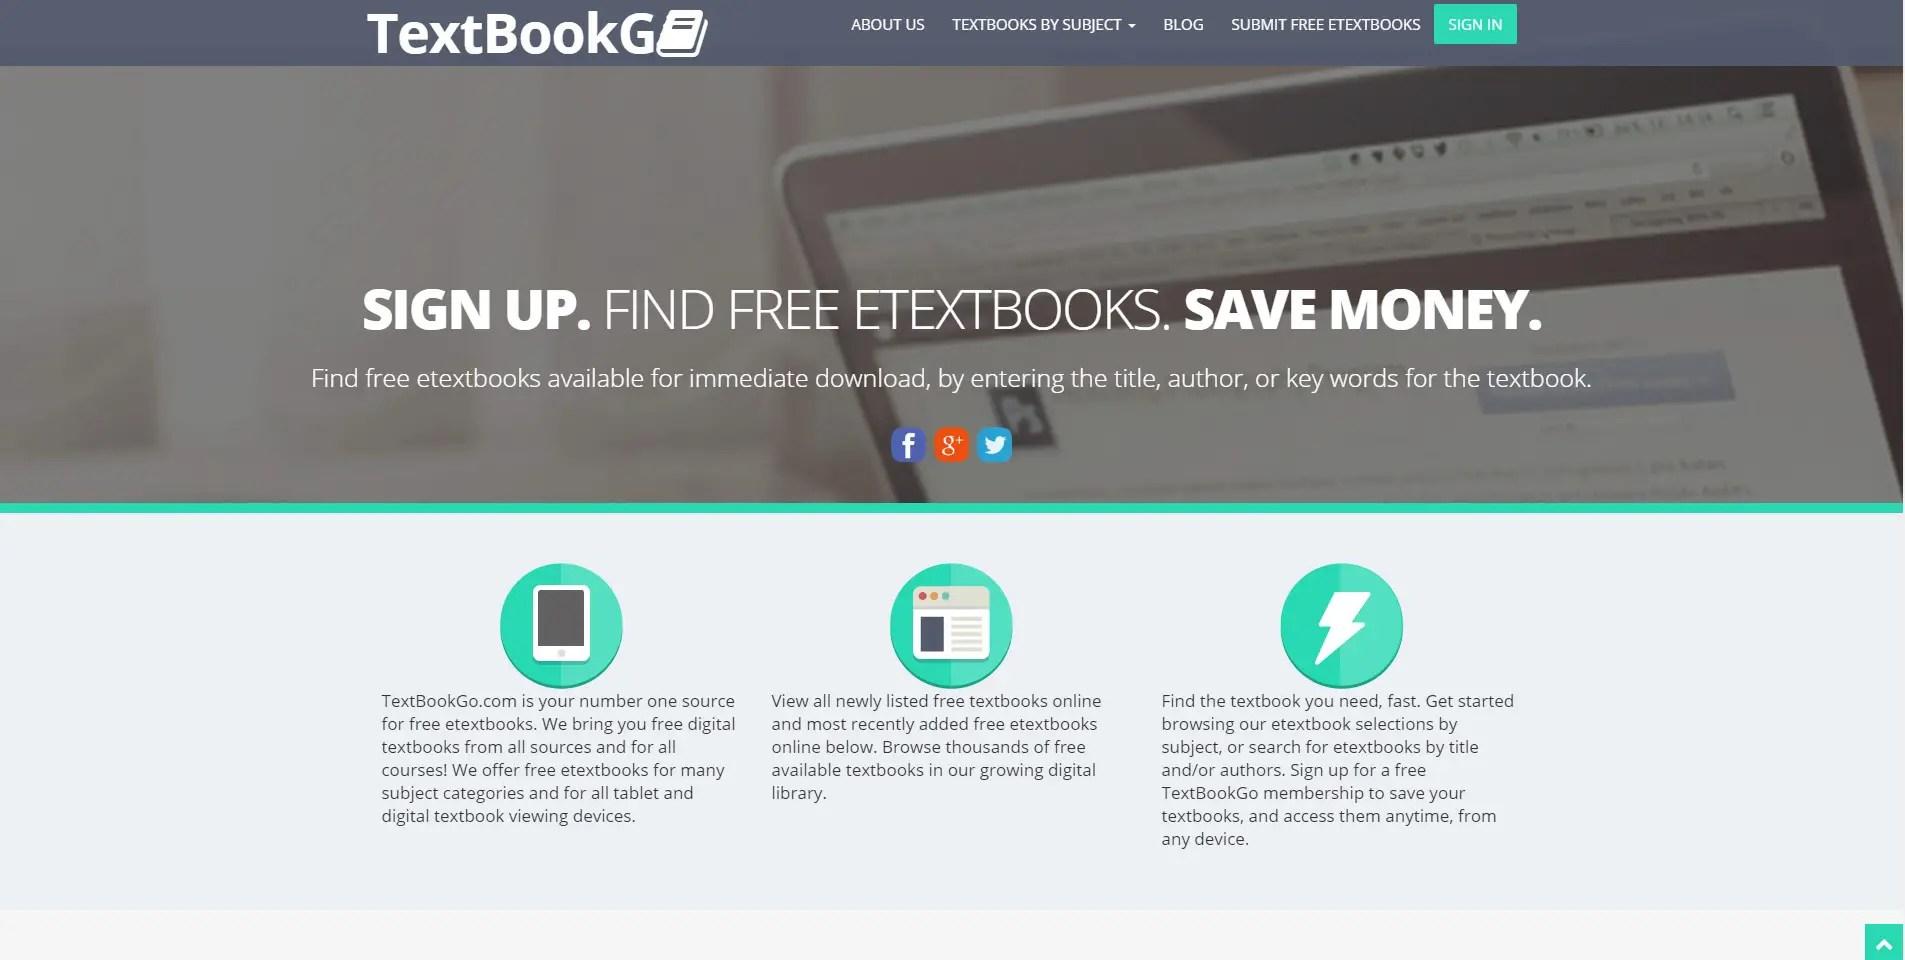 textbookgo online free textbook resource